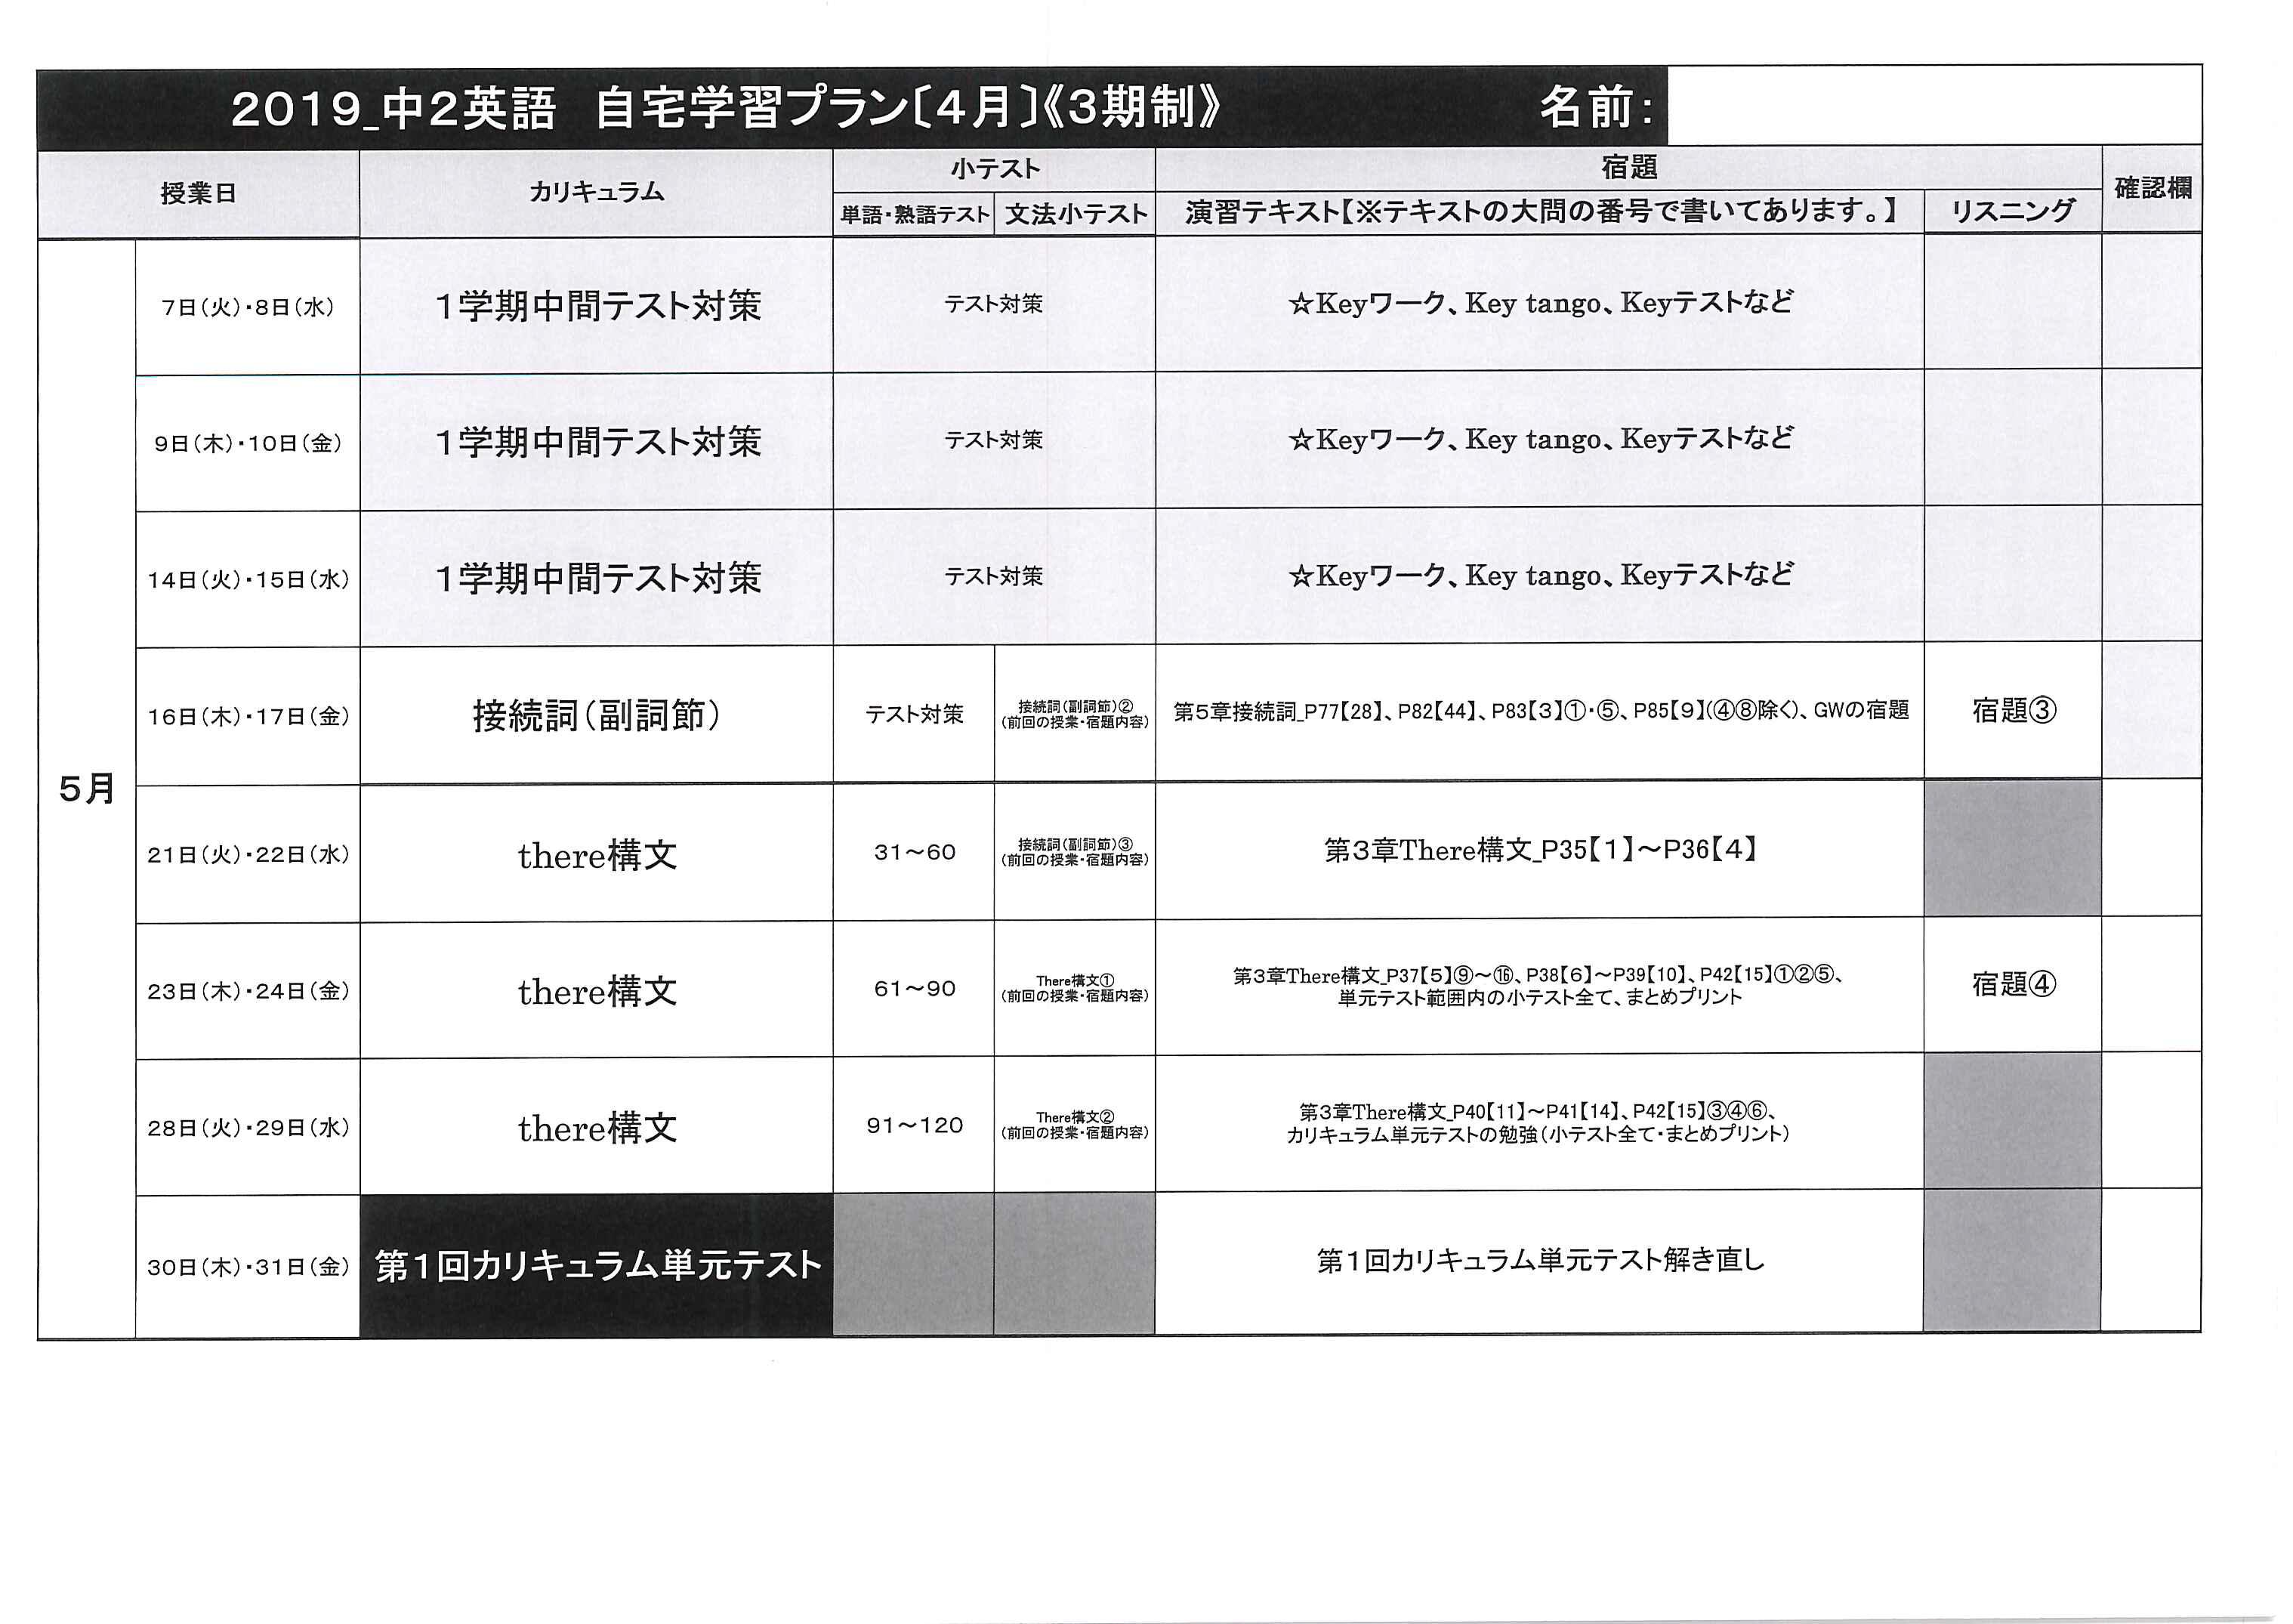 2019年5月中学生宿題小テスト表【HP用④】.png